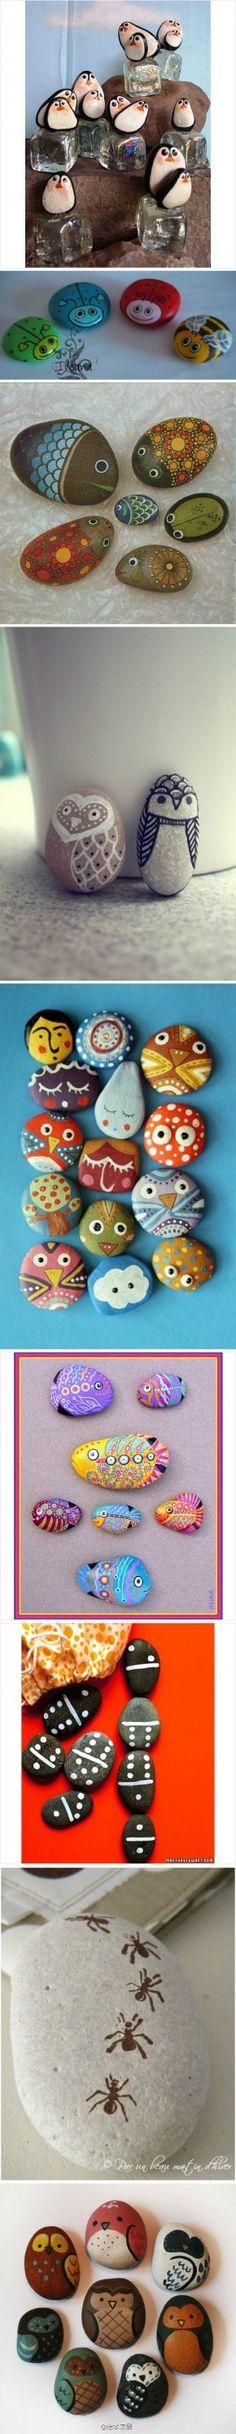 Stenen omtoveren tot dieren